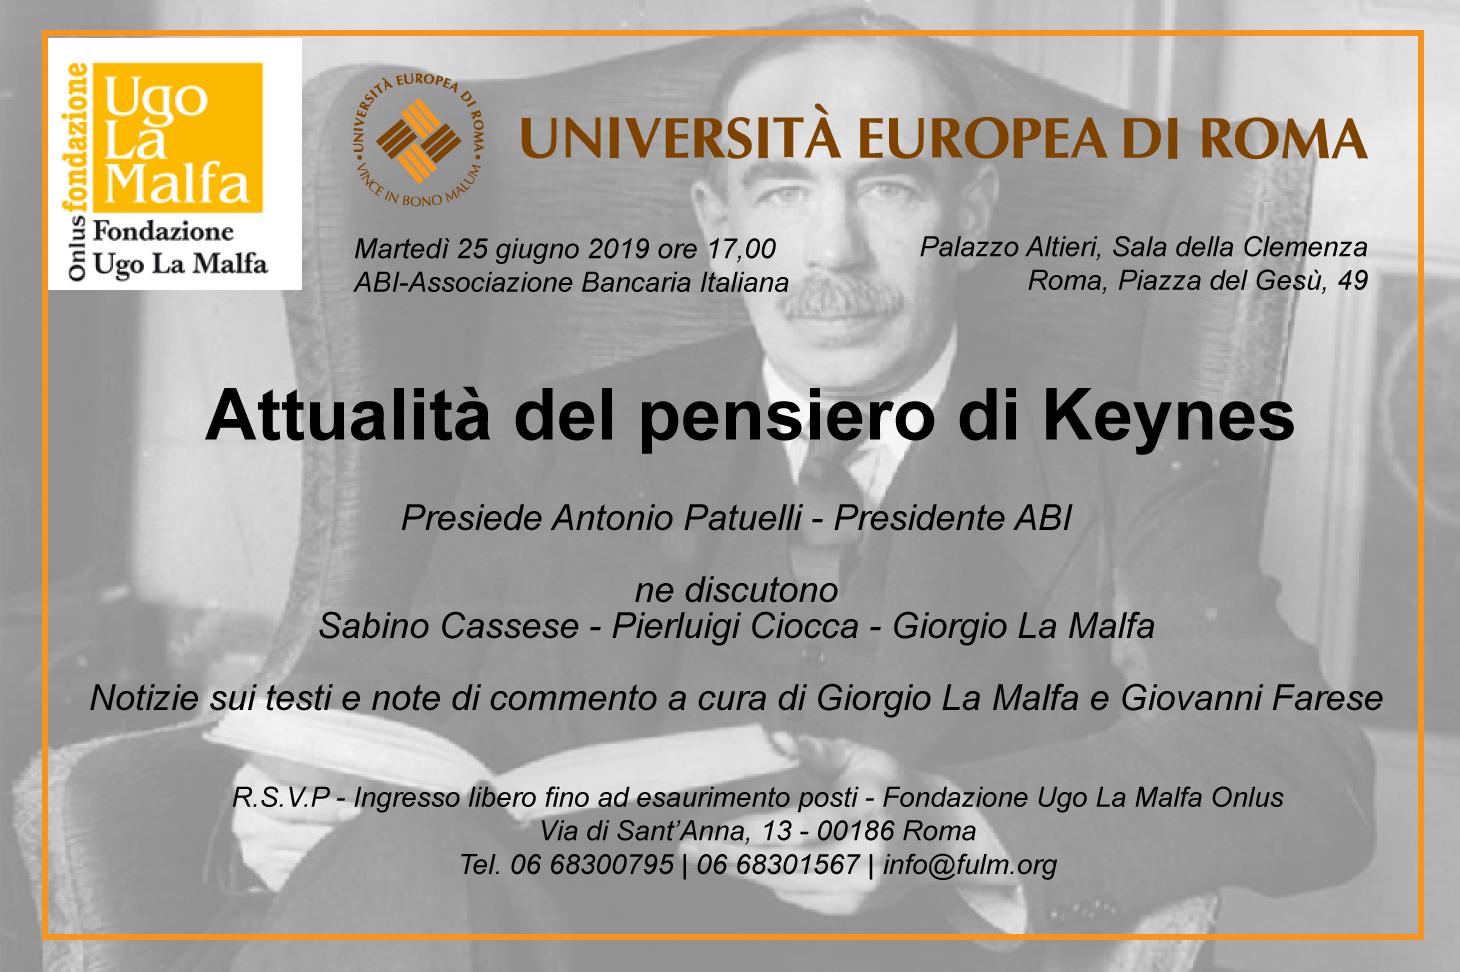 Copertina convegno ABI Keynes